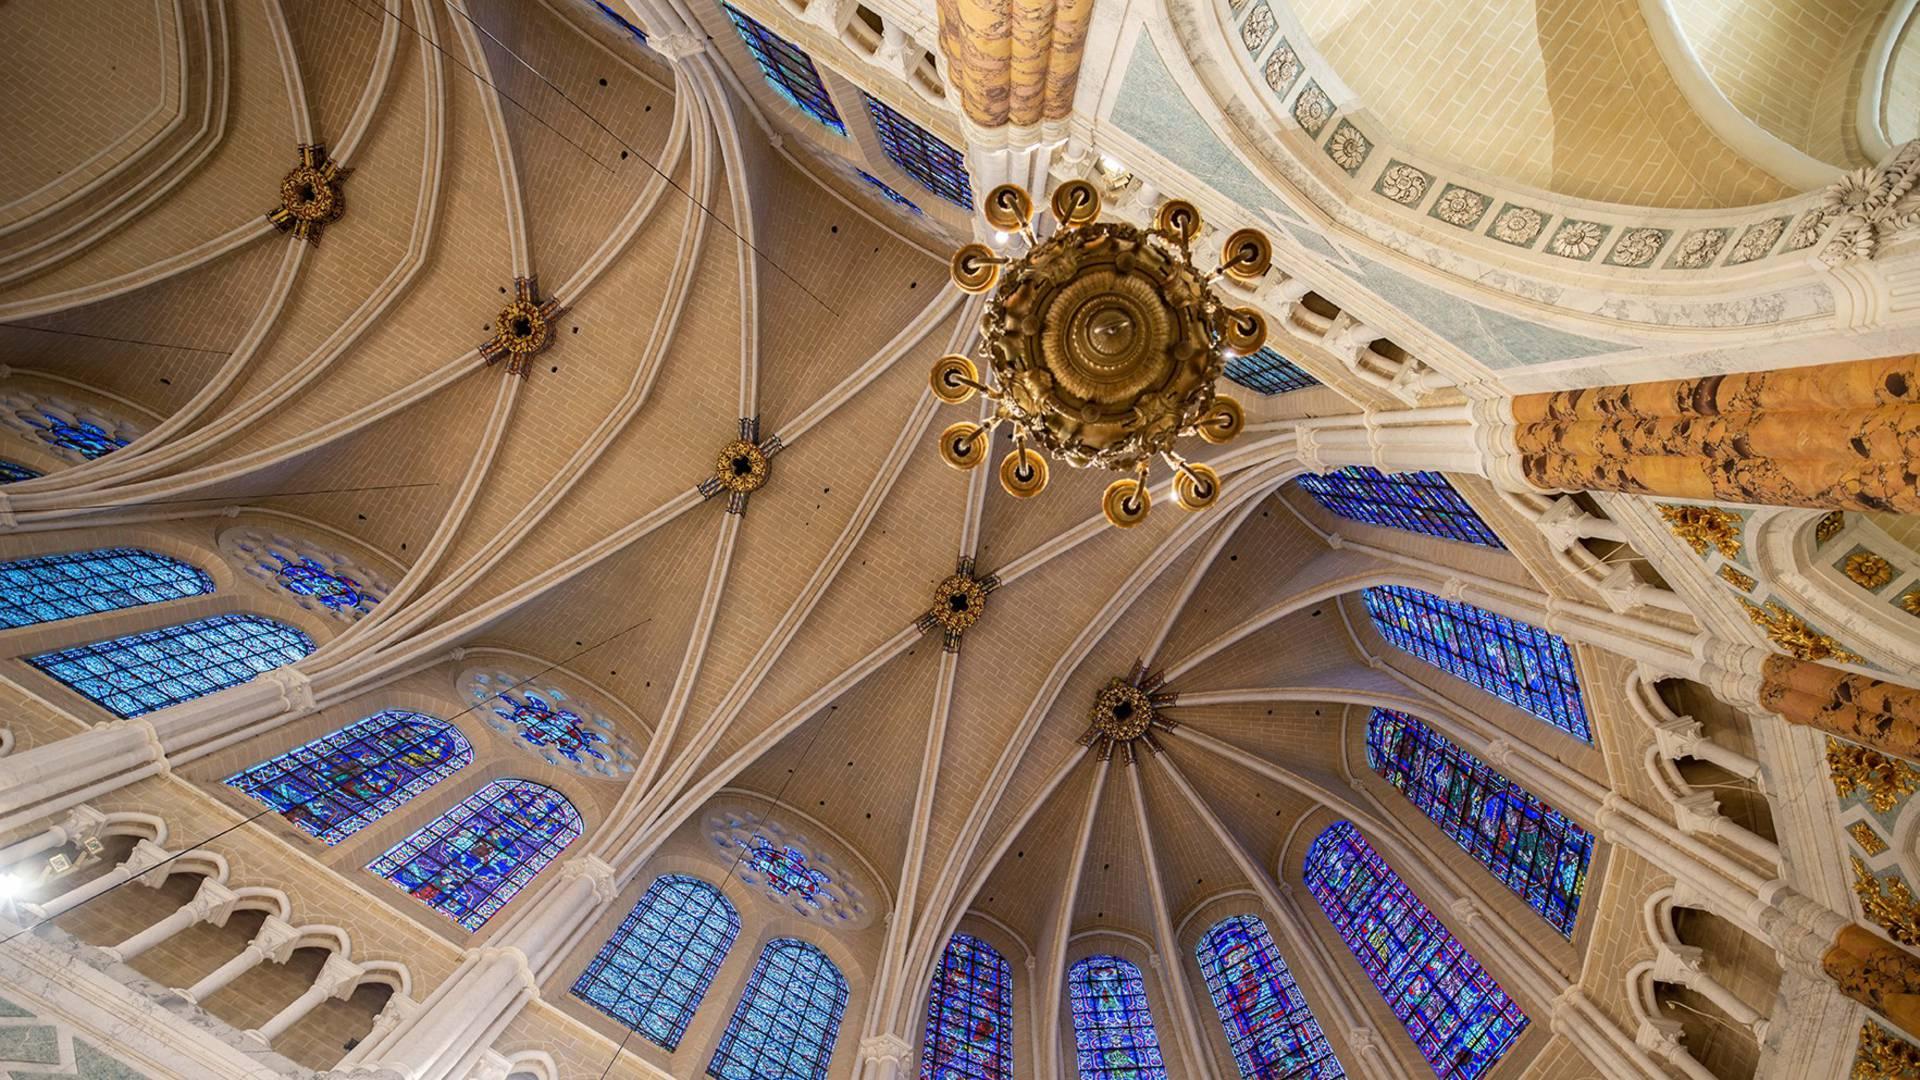 Intérieur de la cathédrale de Chartres